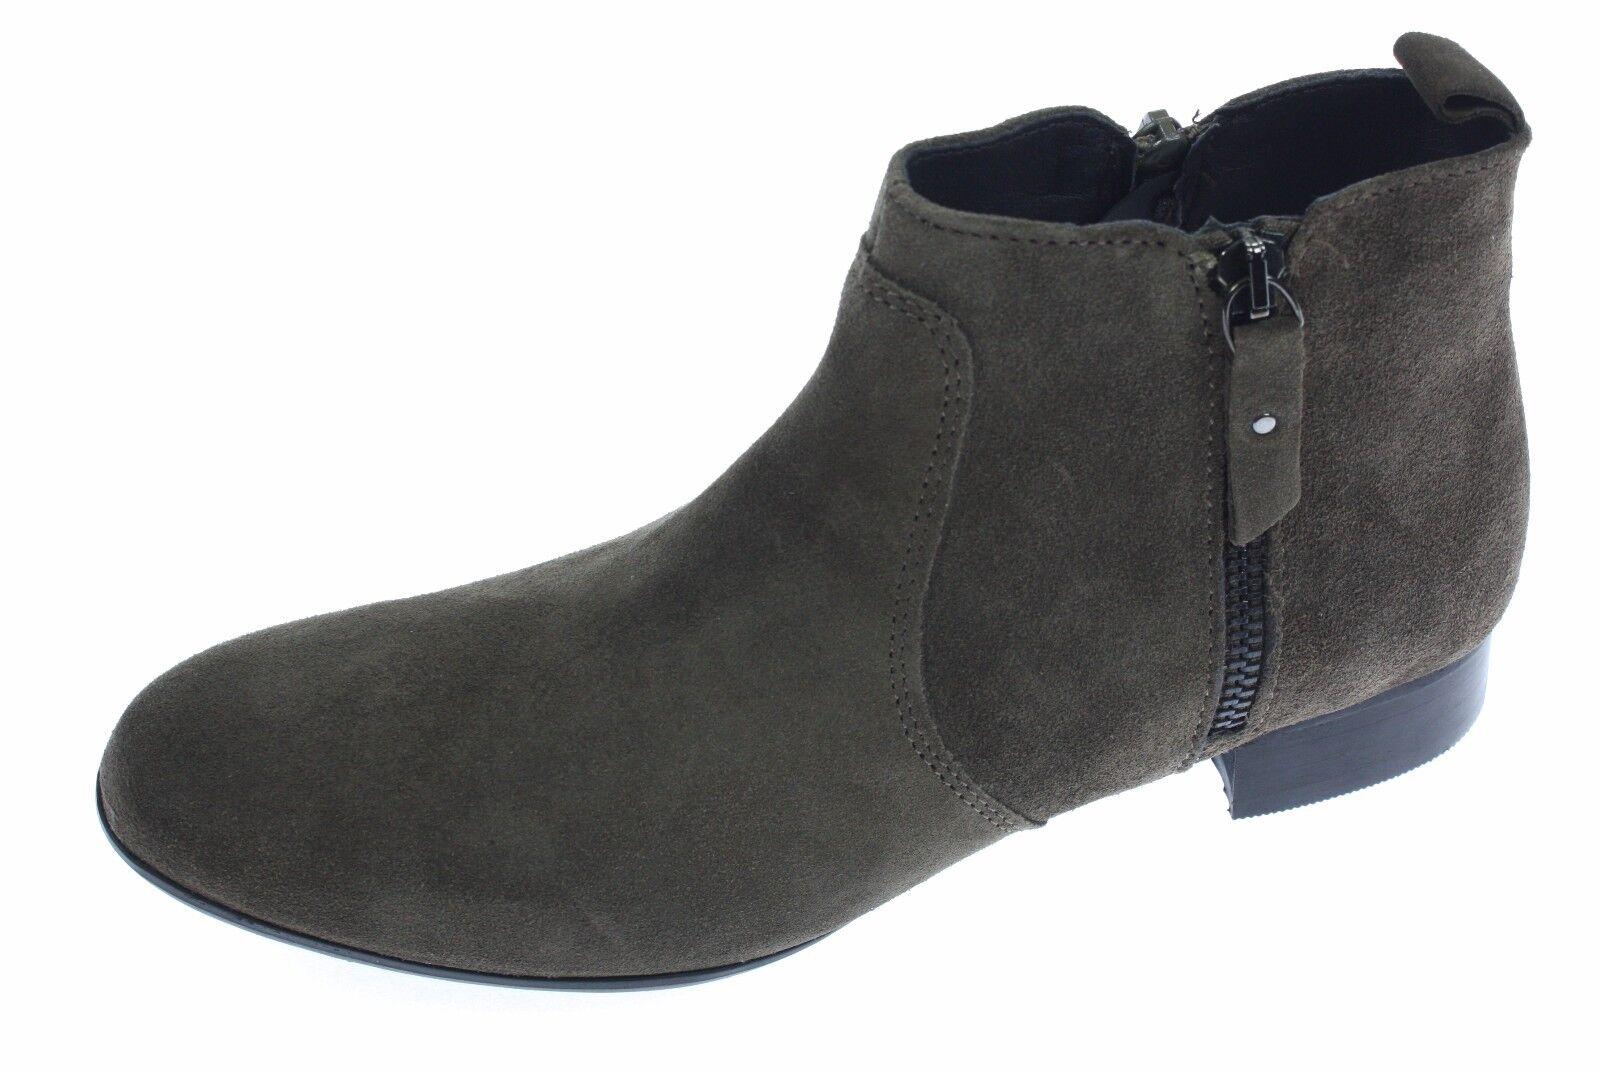 Arnaldo Toscani Damen Leder Ankle Stiefel, Größe 38, Braun-Beige  | Qualifizierte Herstellung